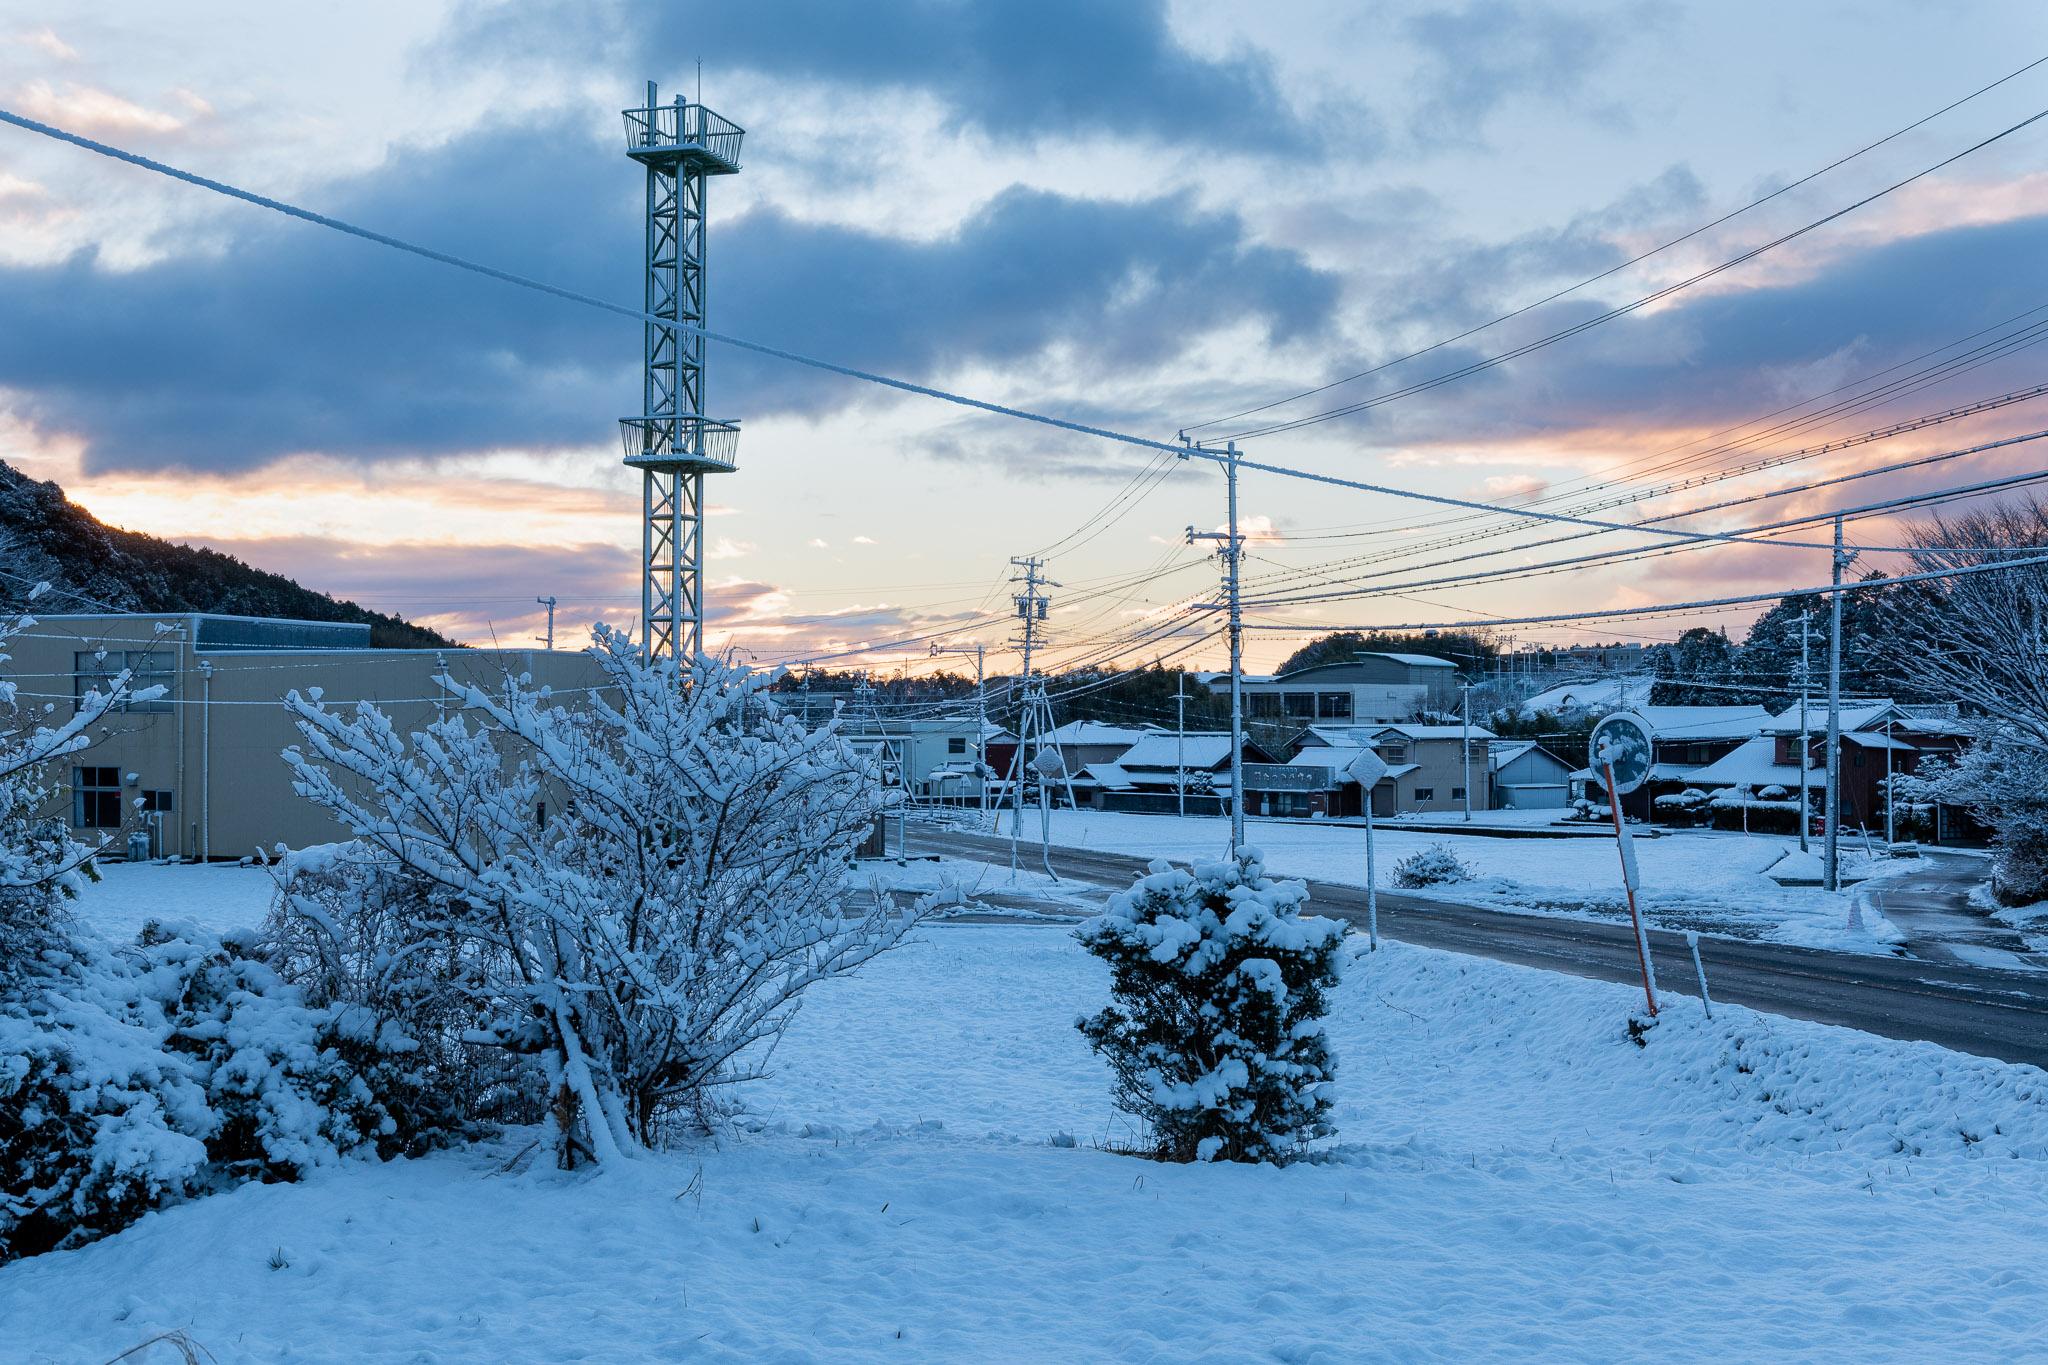 2020.12.31三重県津市美里町雪景色の朝